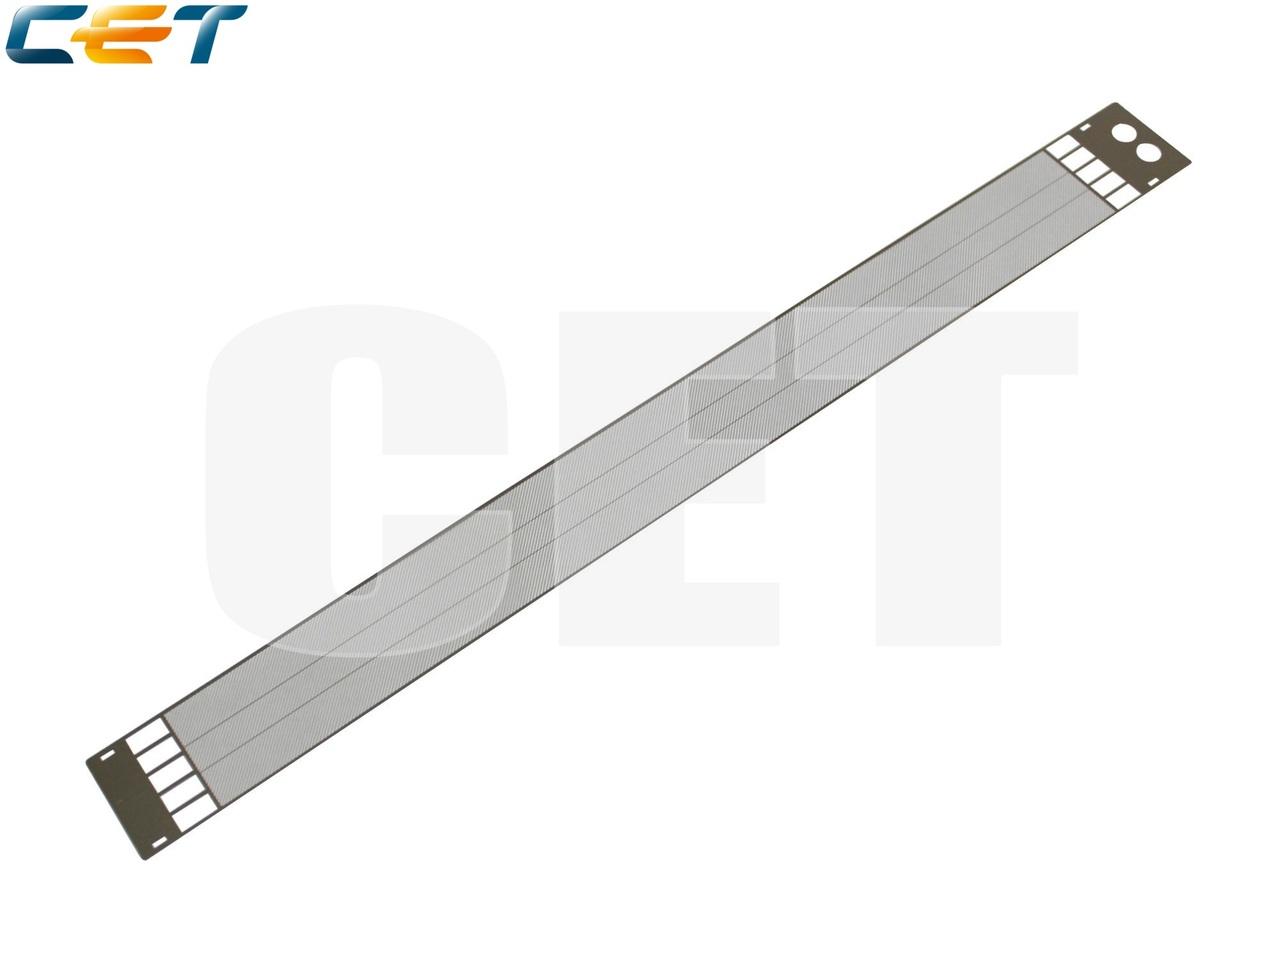 Сетка коротрона заряда A096-2060 для RICOH Aficio 1060/1075(CET), CET8120